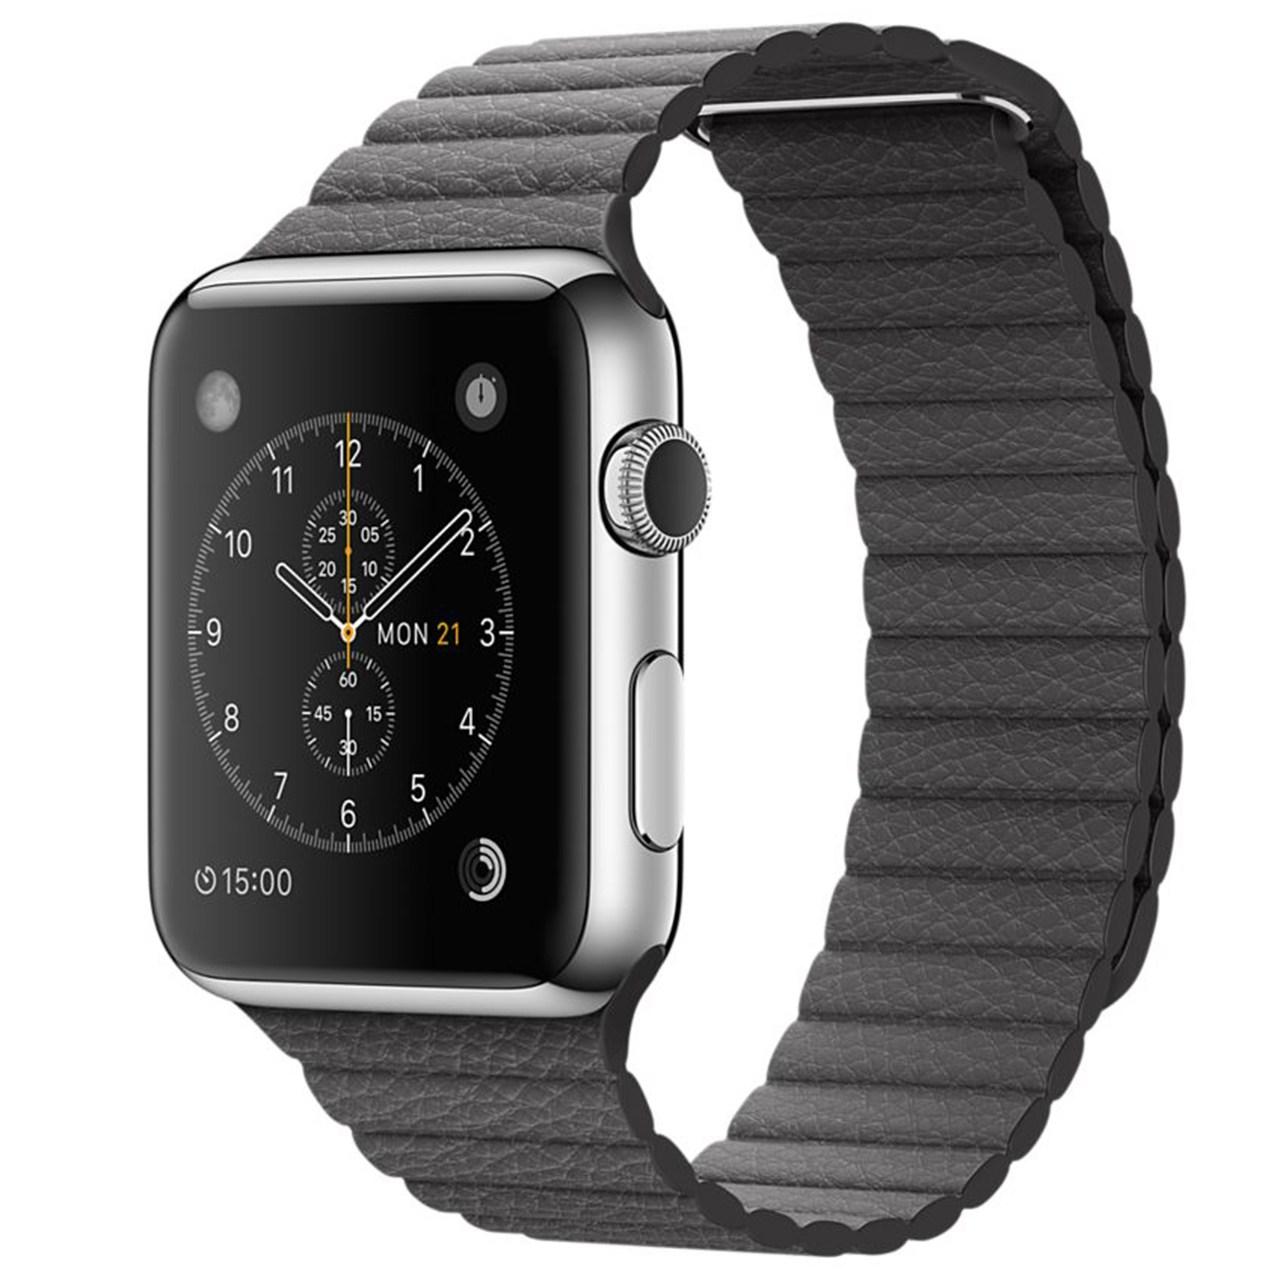 ساعت مچی هوشمند اپل واچ مدل 42mm Stainless Steel Case With Gray Leather Loop Band